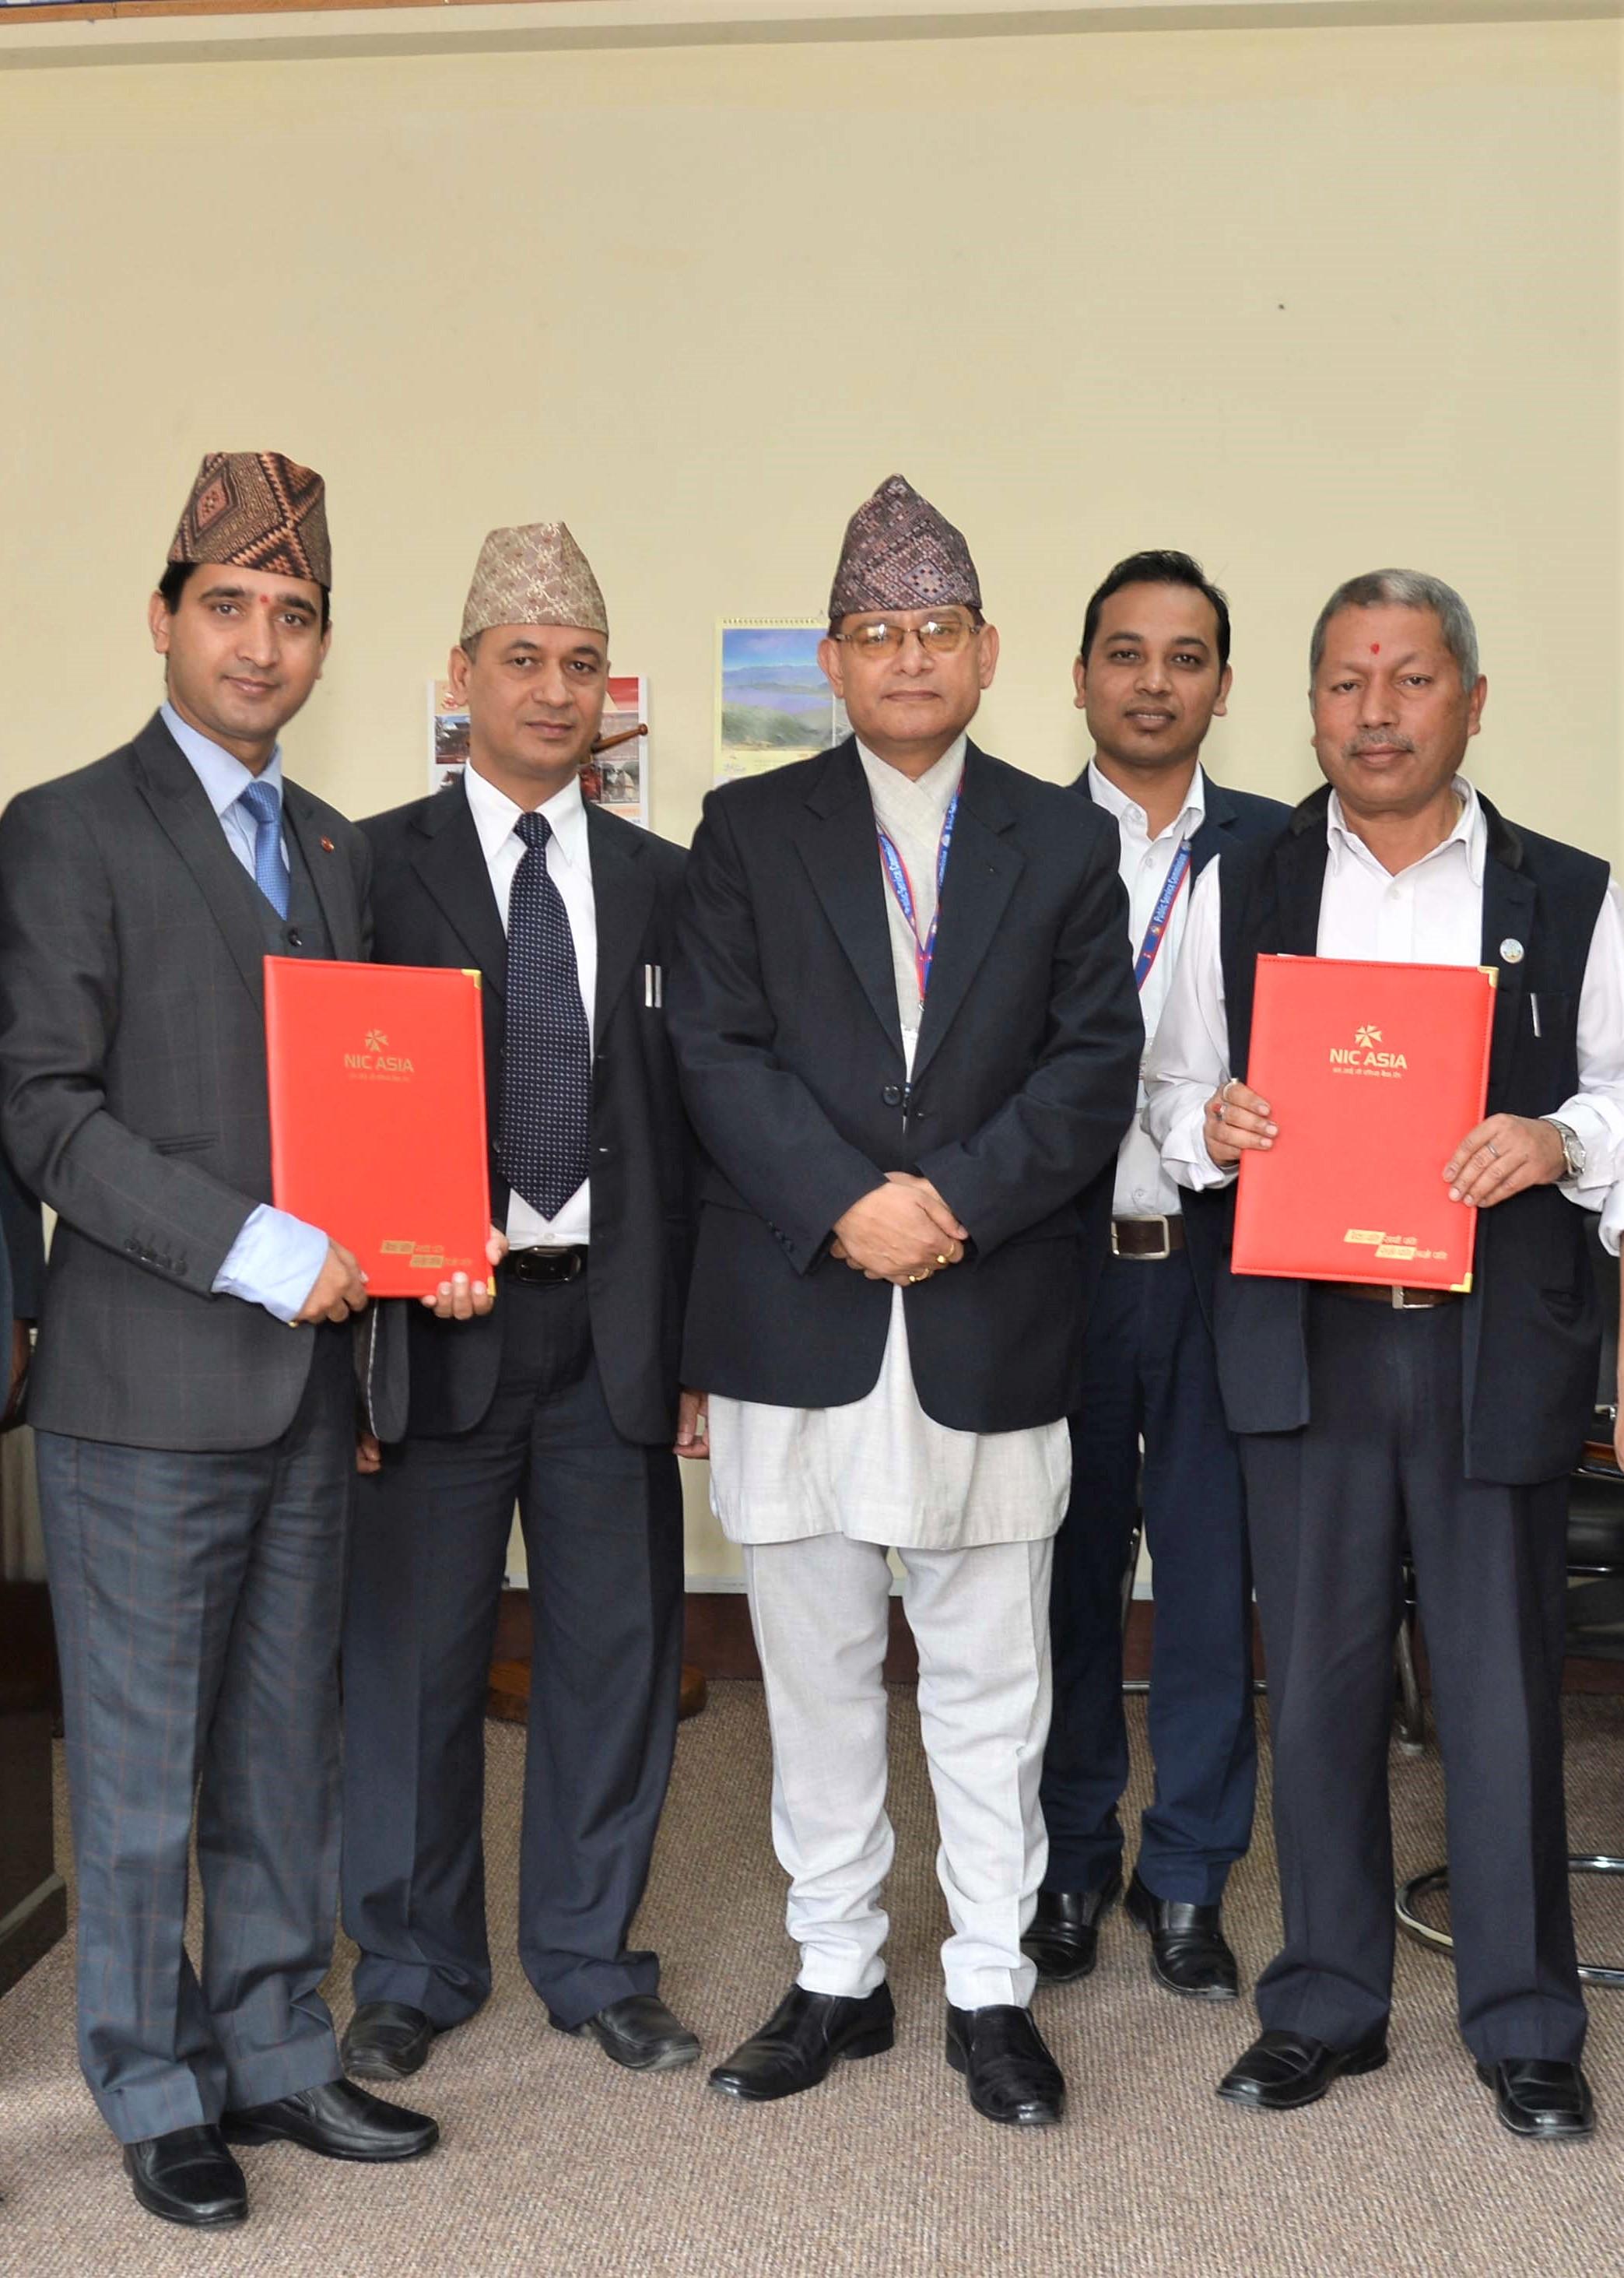 एनआईसी एशिया बैंक र लोक सेवा आयोगबीच राजस्व संकलन गर्ने सम्झौता